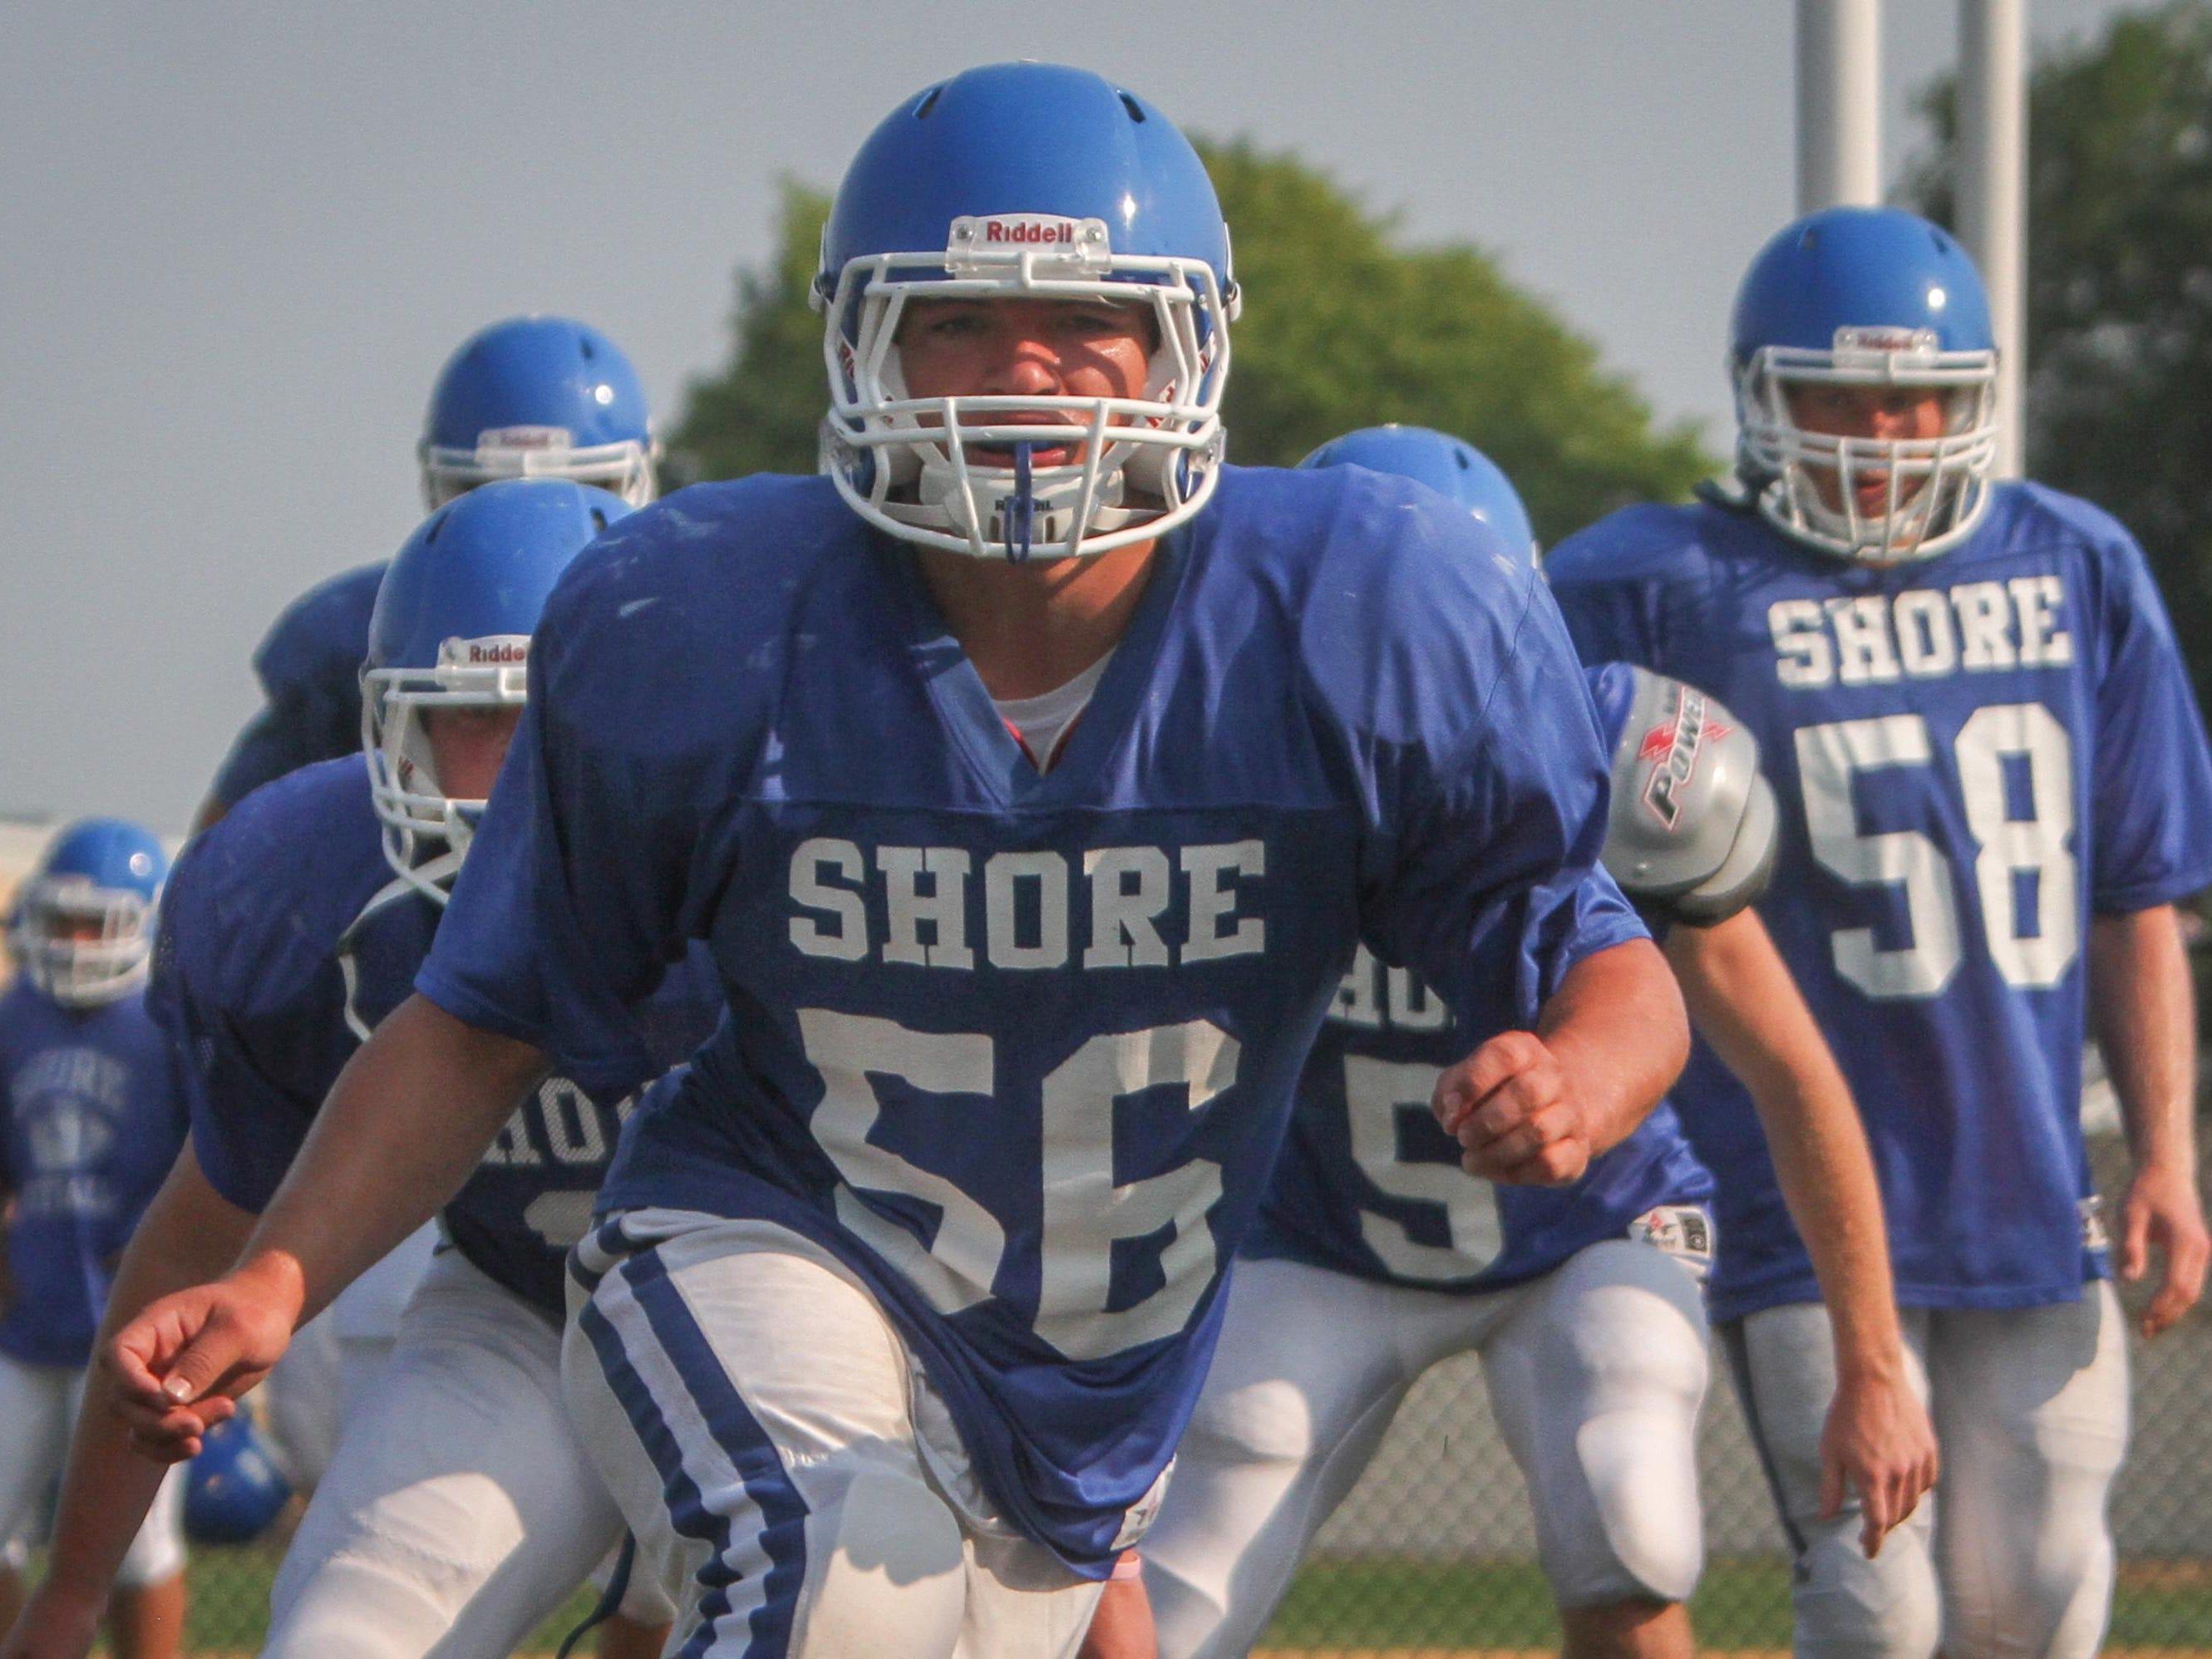 Shore Regional's Doug Goldsmith practices Aug. 17.